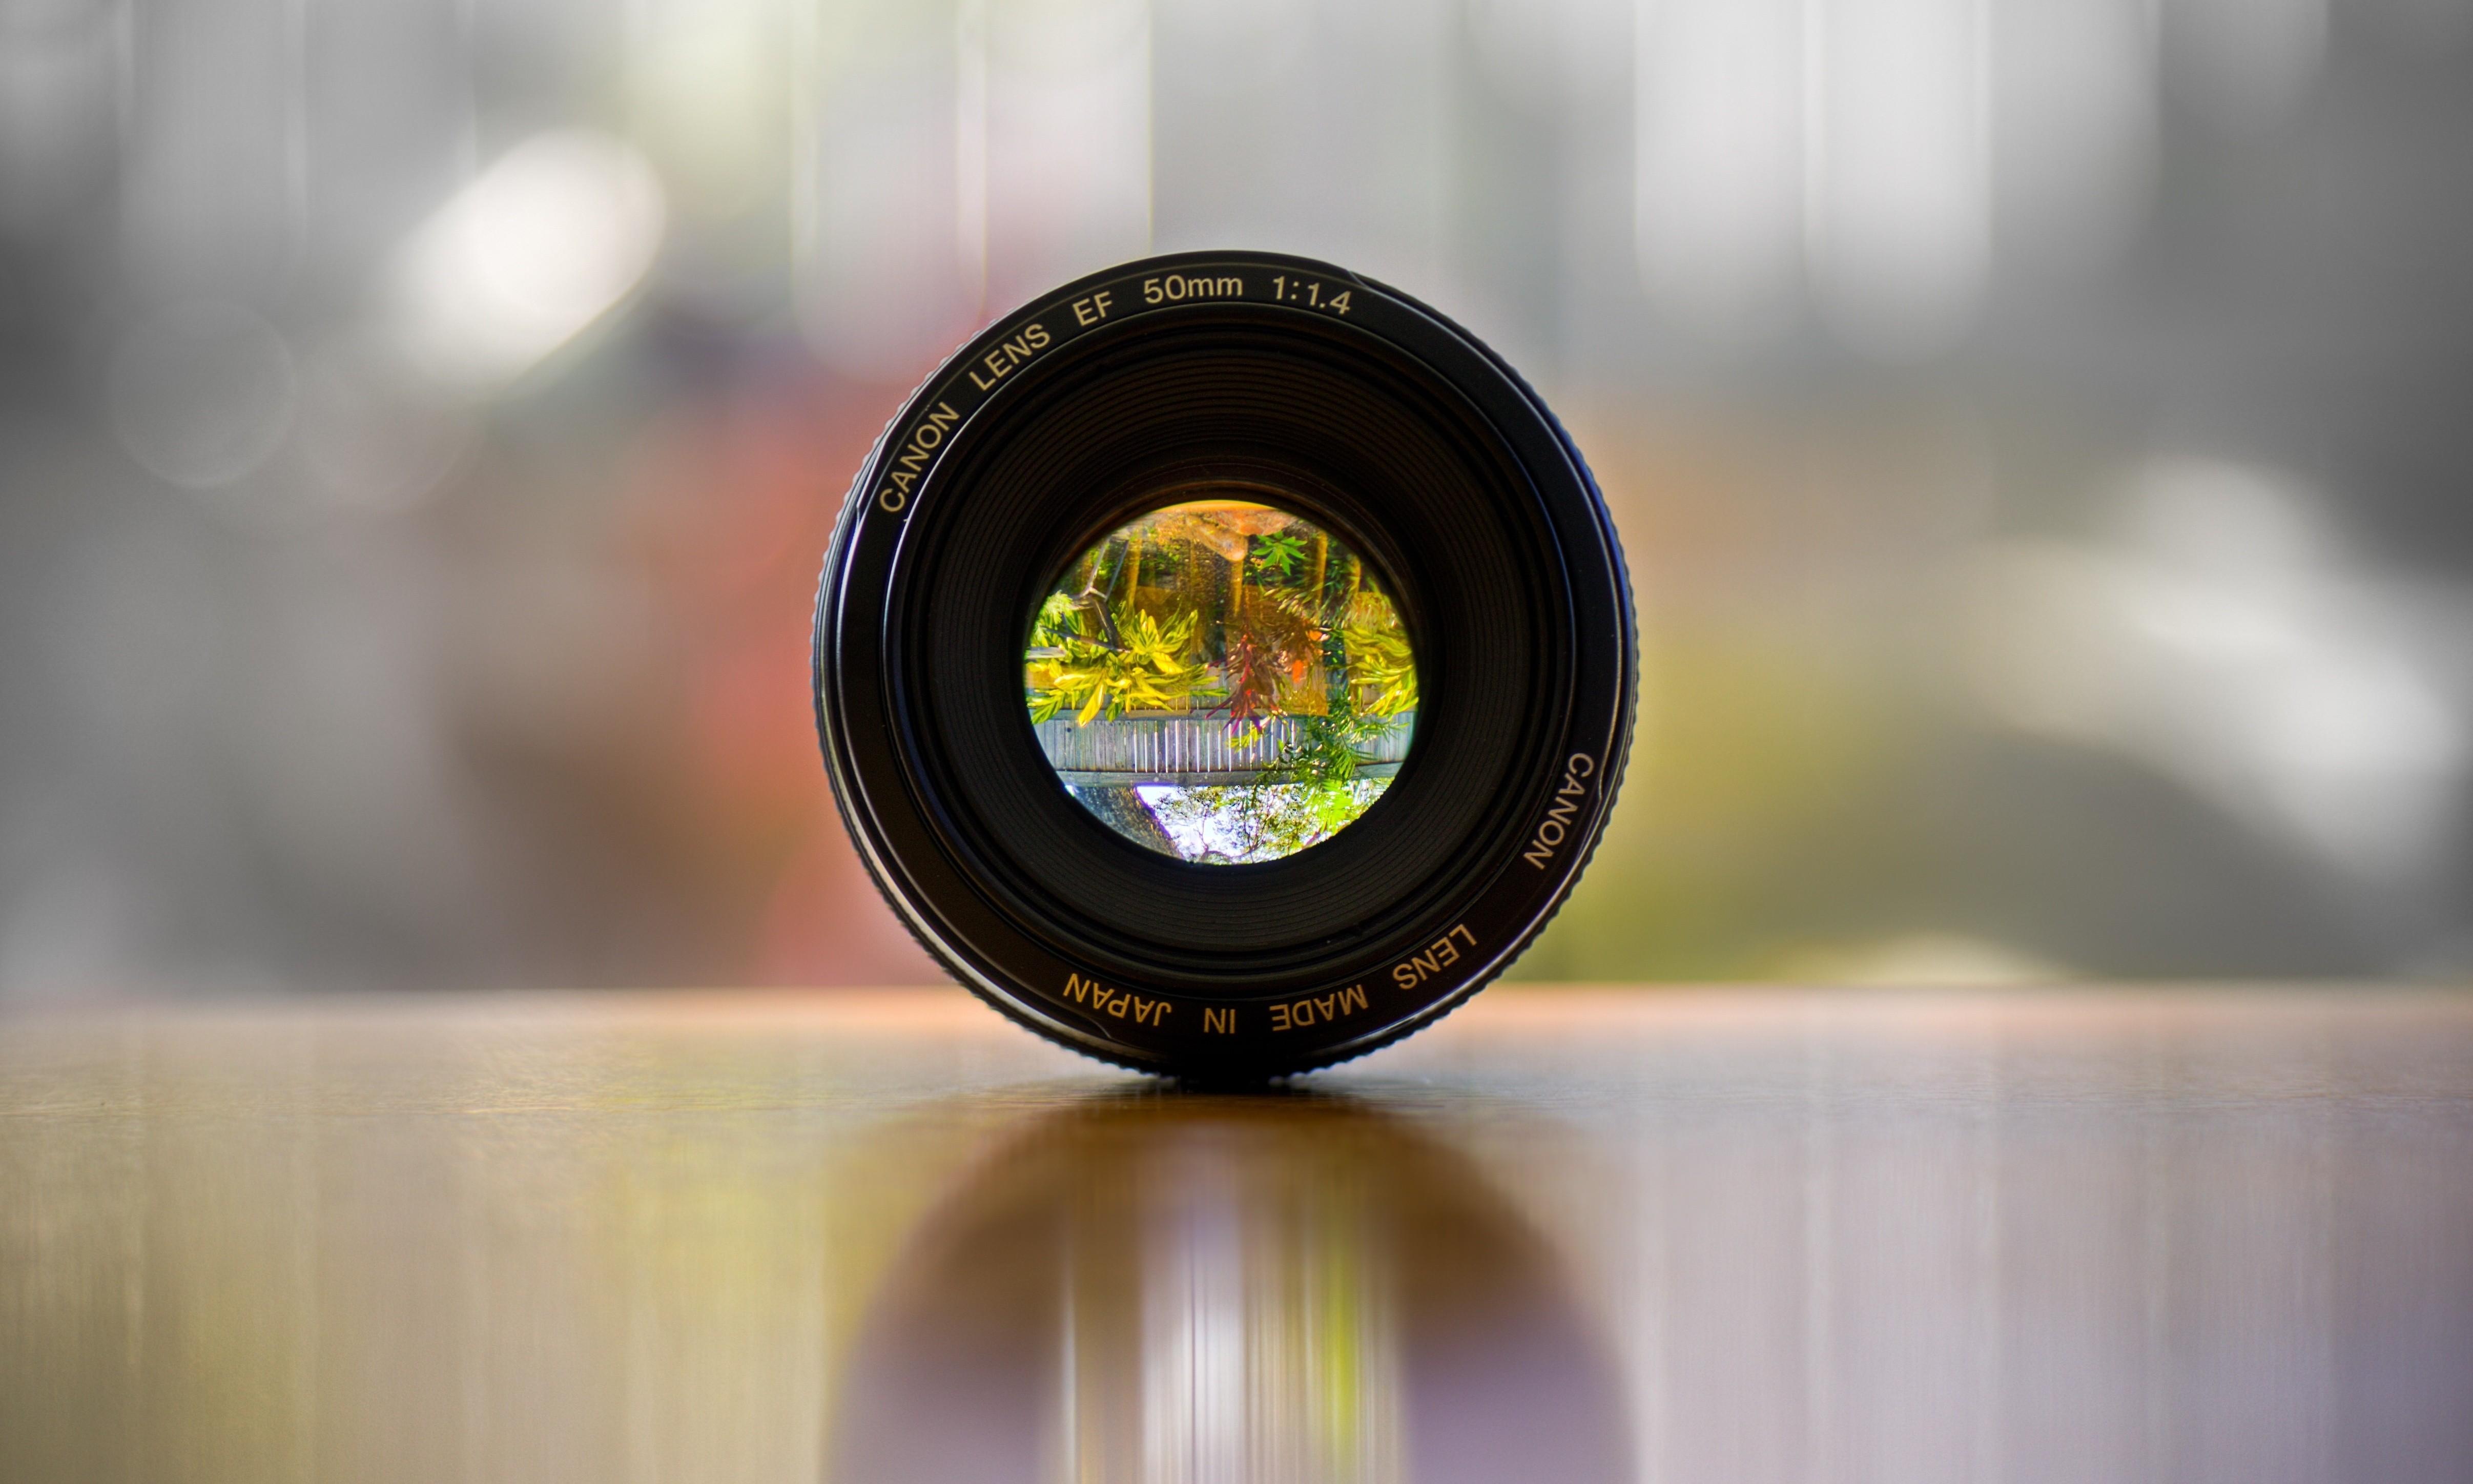 хочеш чтобы фокус фотоаппарата картинка происхождения